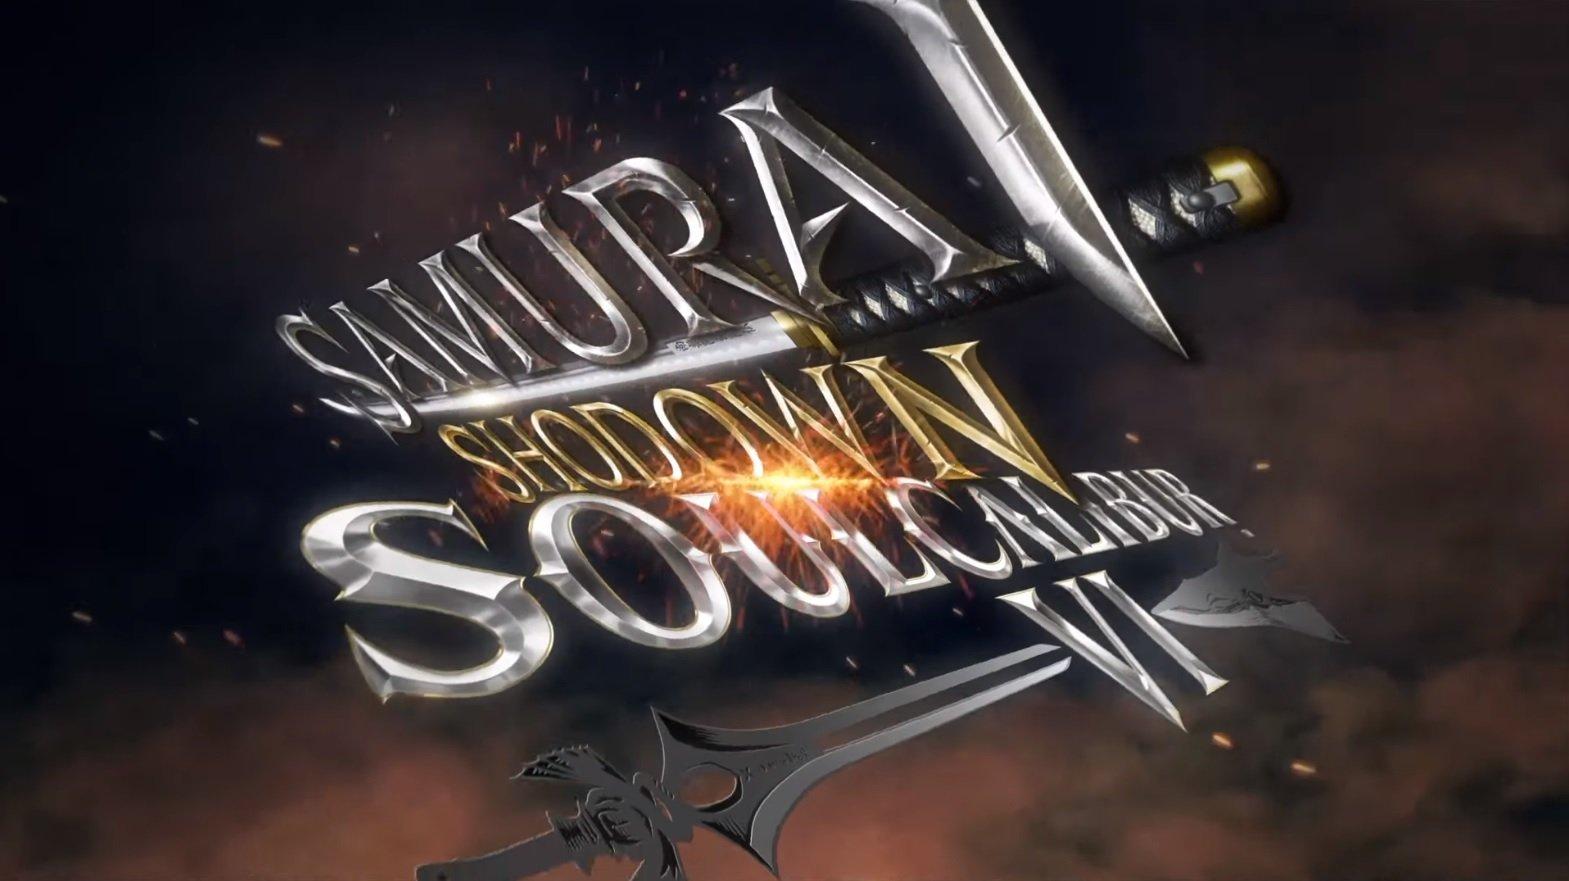 Soulcalibur 6 et Samurai Shodown crossover dans la remorque de la Saison 2